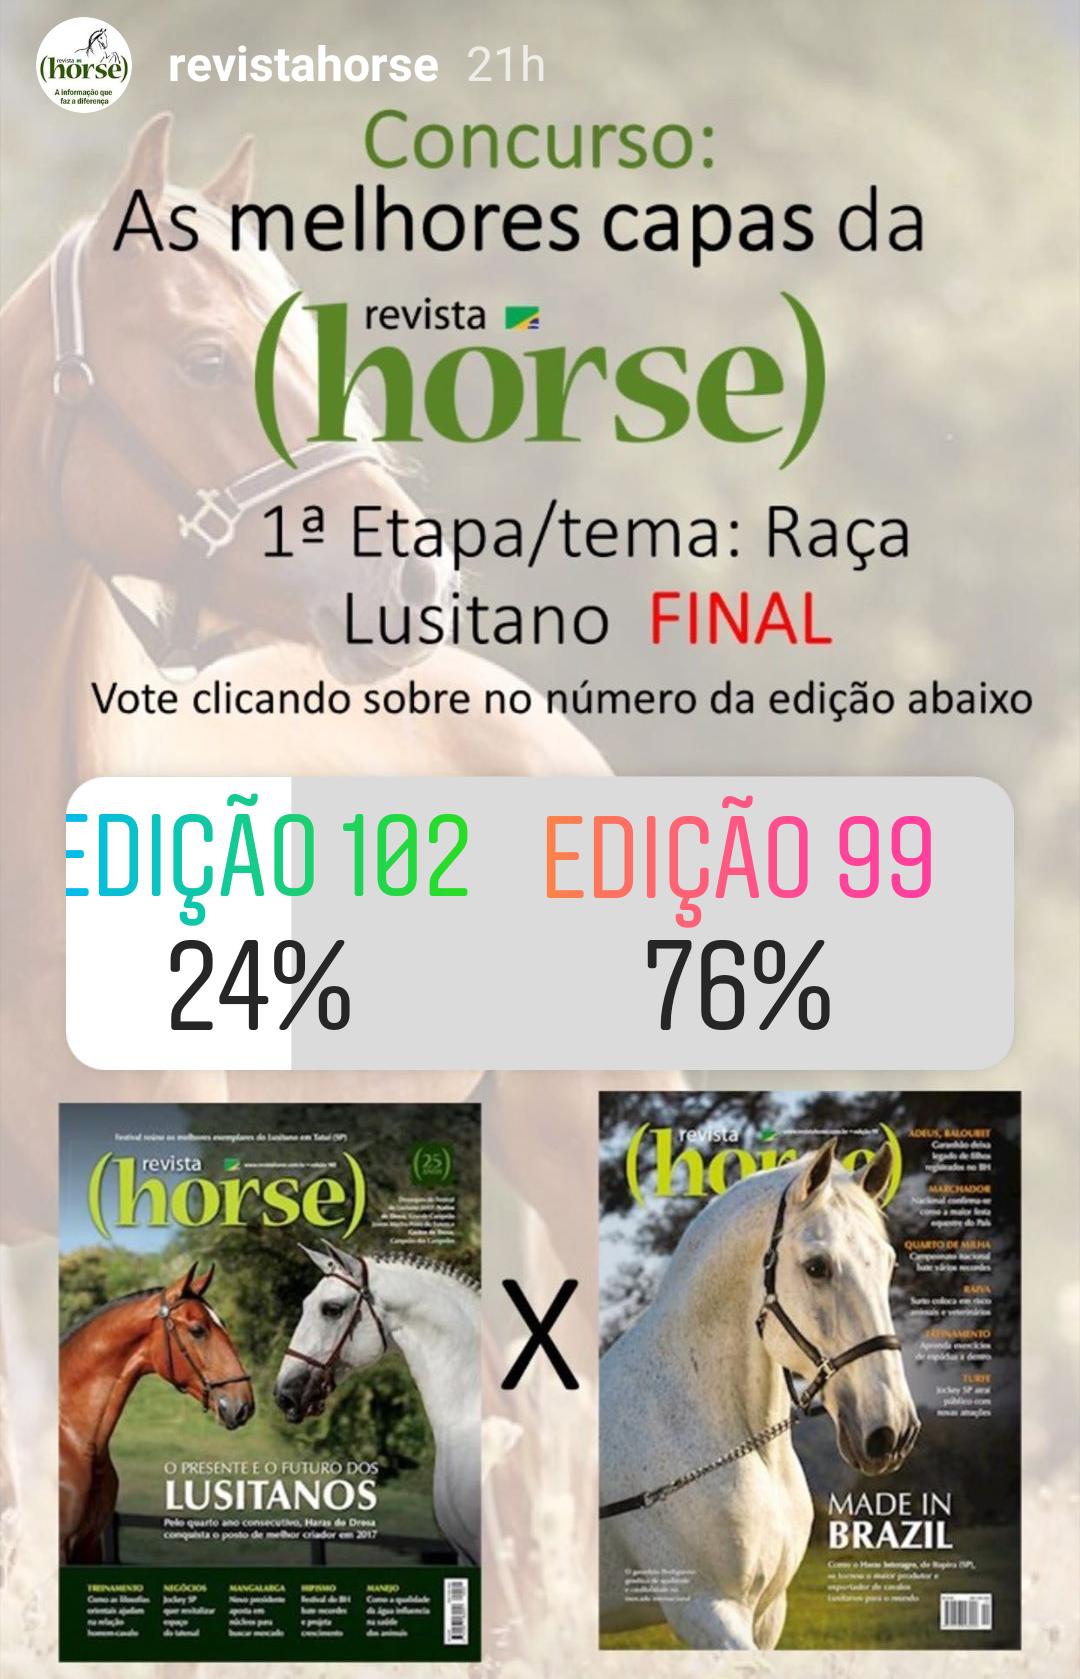 As melhores capas da Revista Horse - 1a etapa/tema: Raça Lusitano